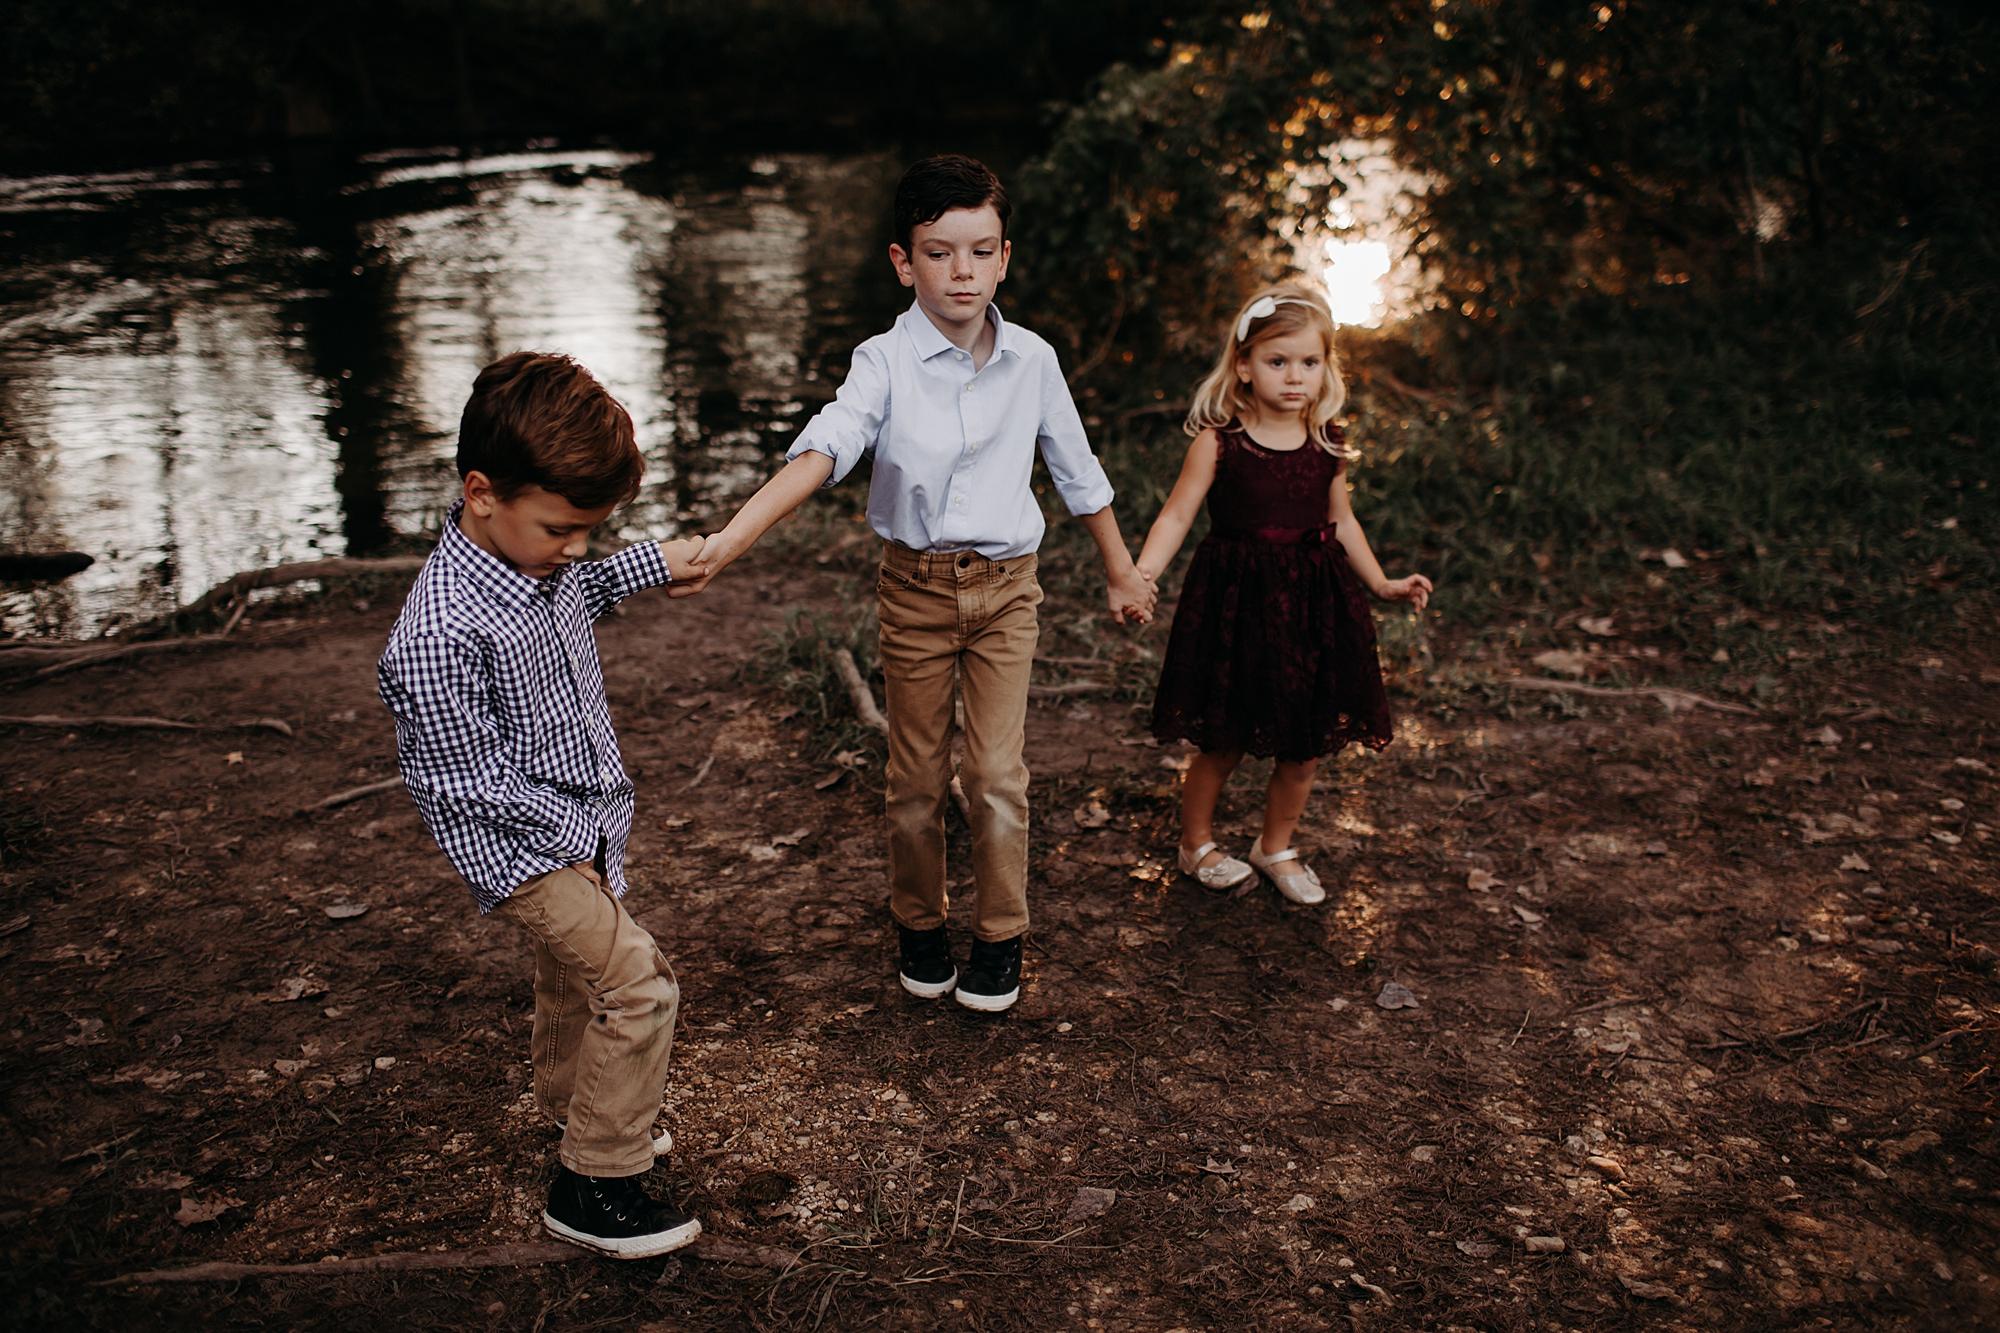 Perkins-San-Antonio-Family-Photographer-11_WEB.jpg